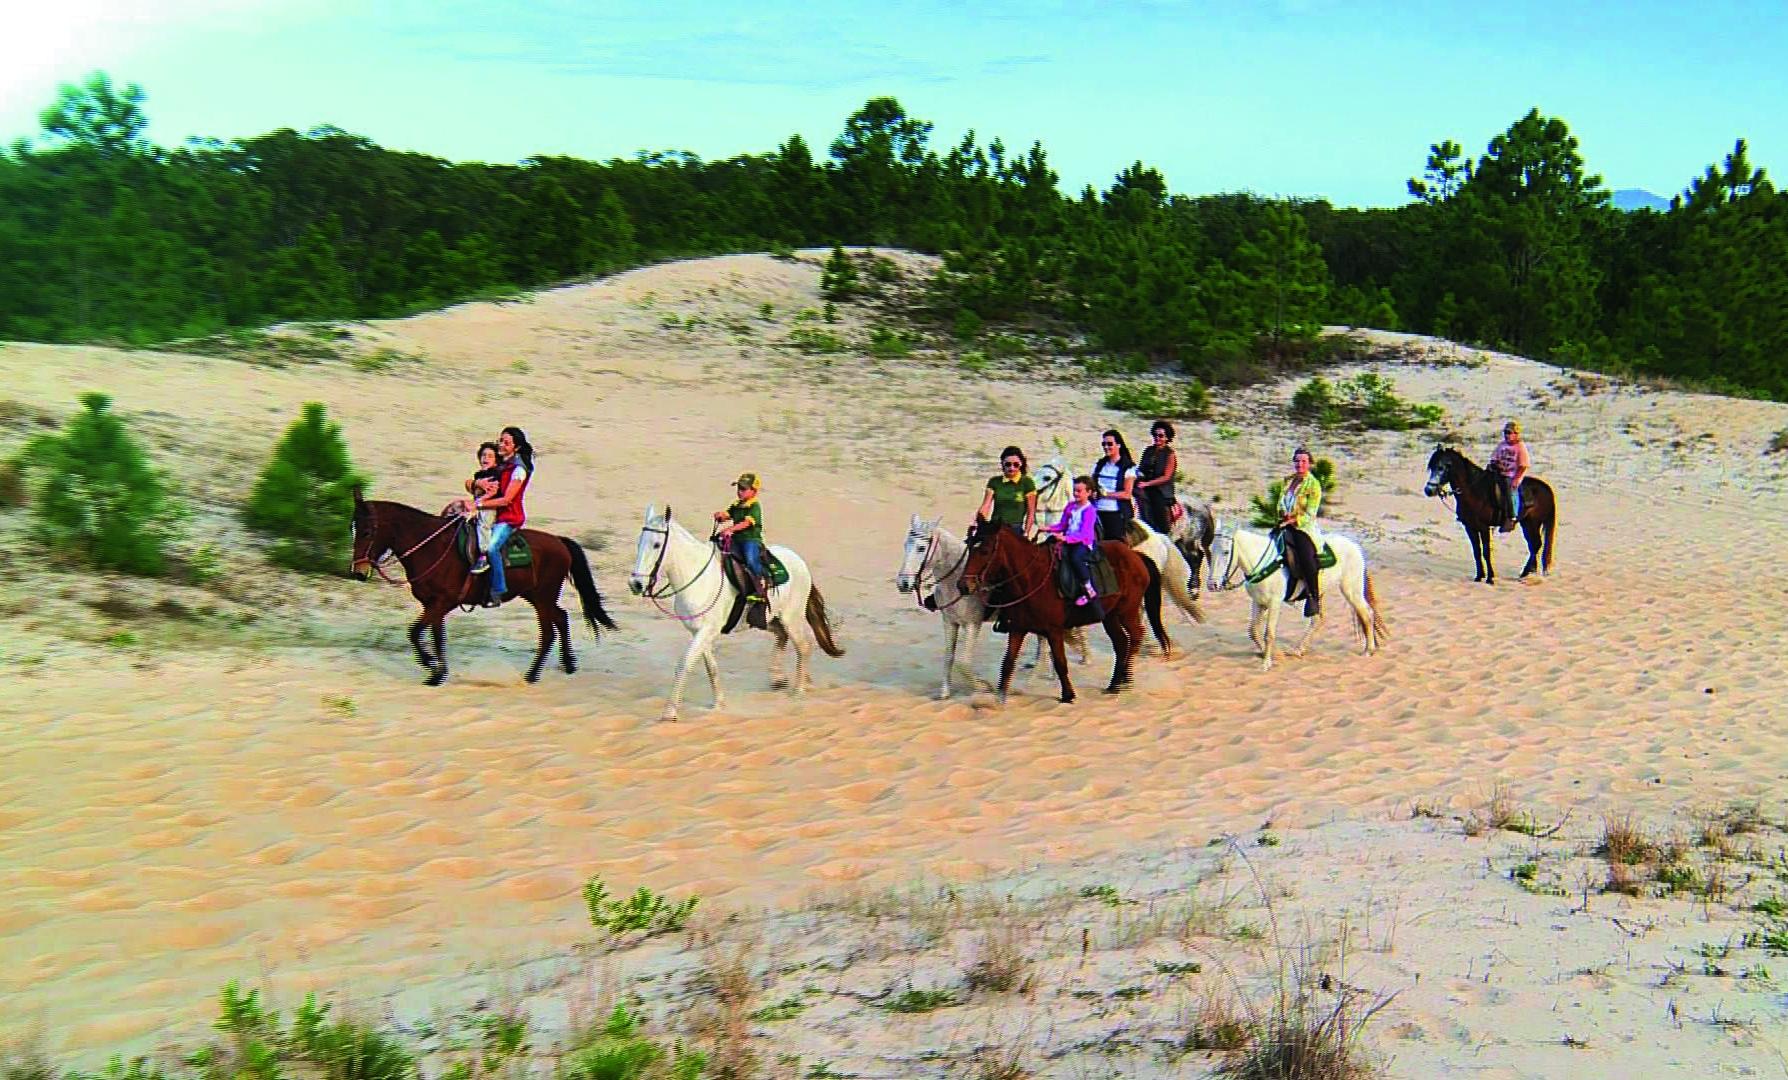 Cavalgada pode ser feita por adultos e crianças e não precisa prática - Marcos Felipe/RICSC/ND